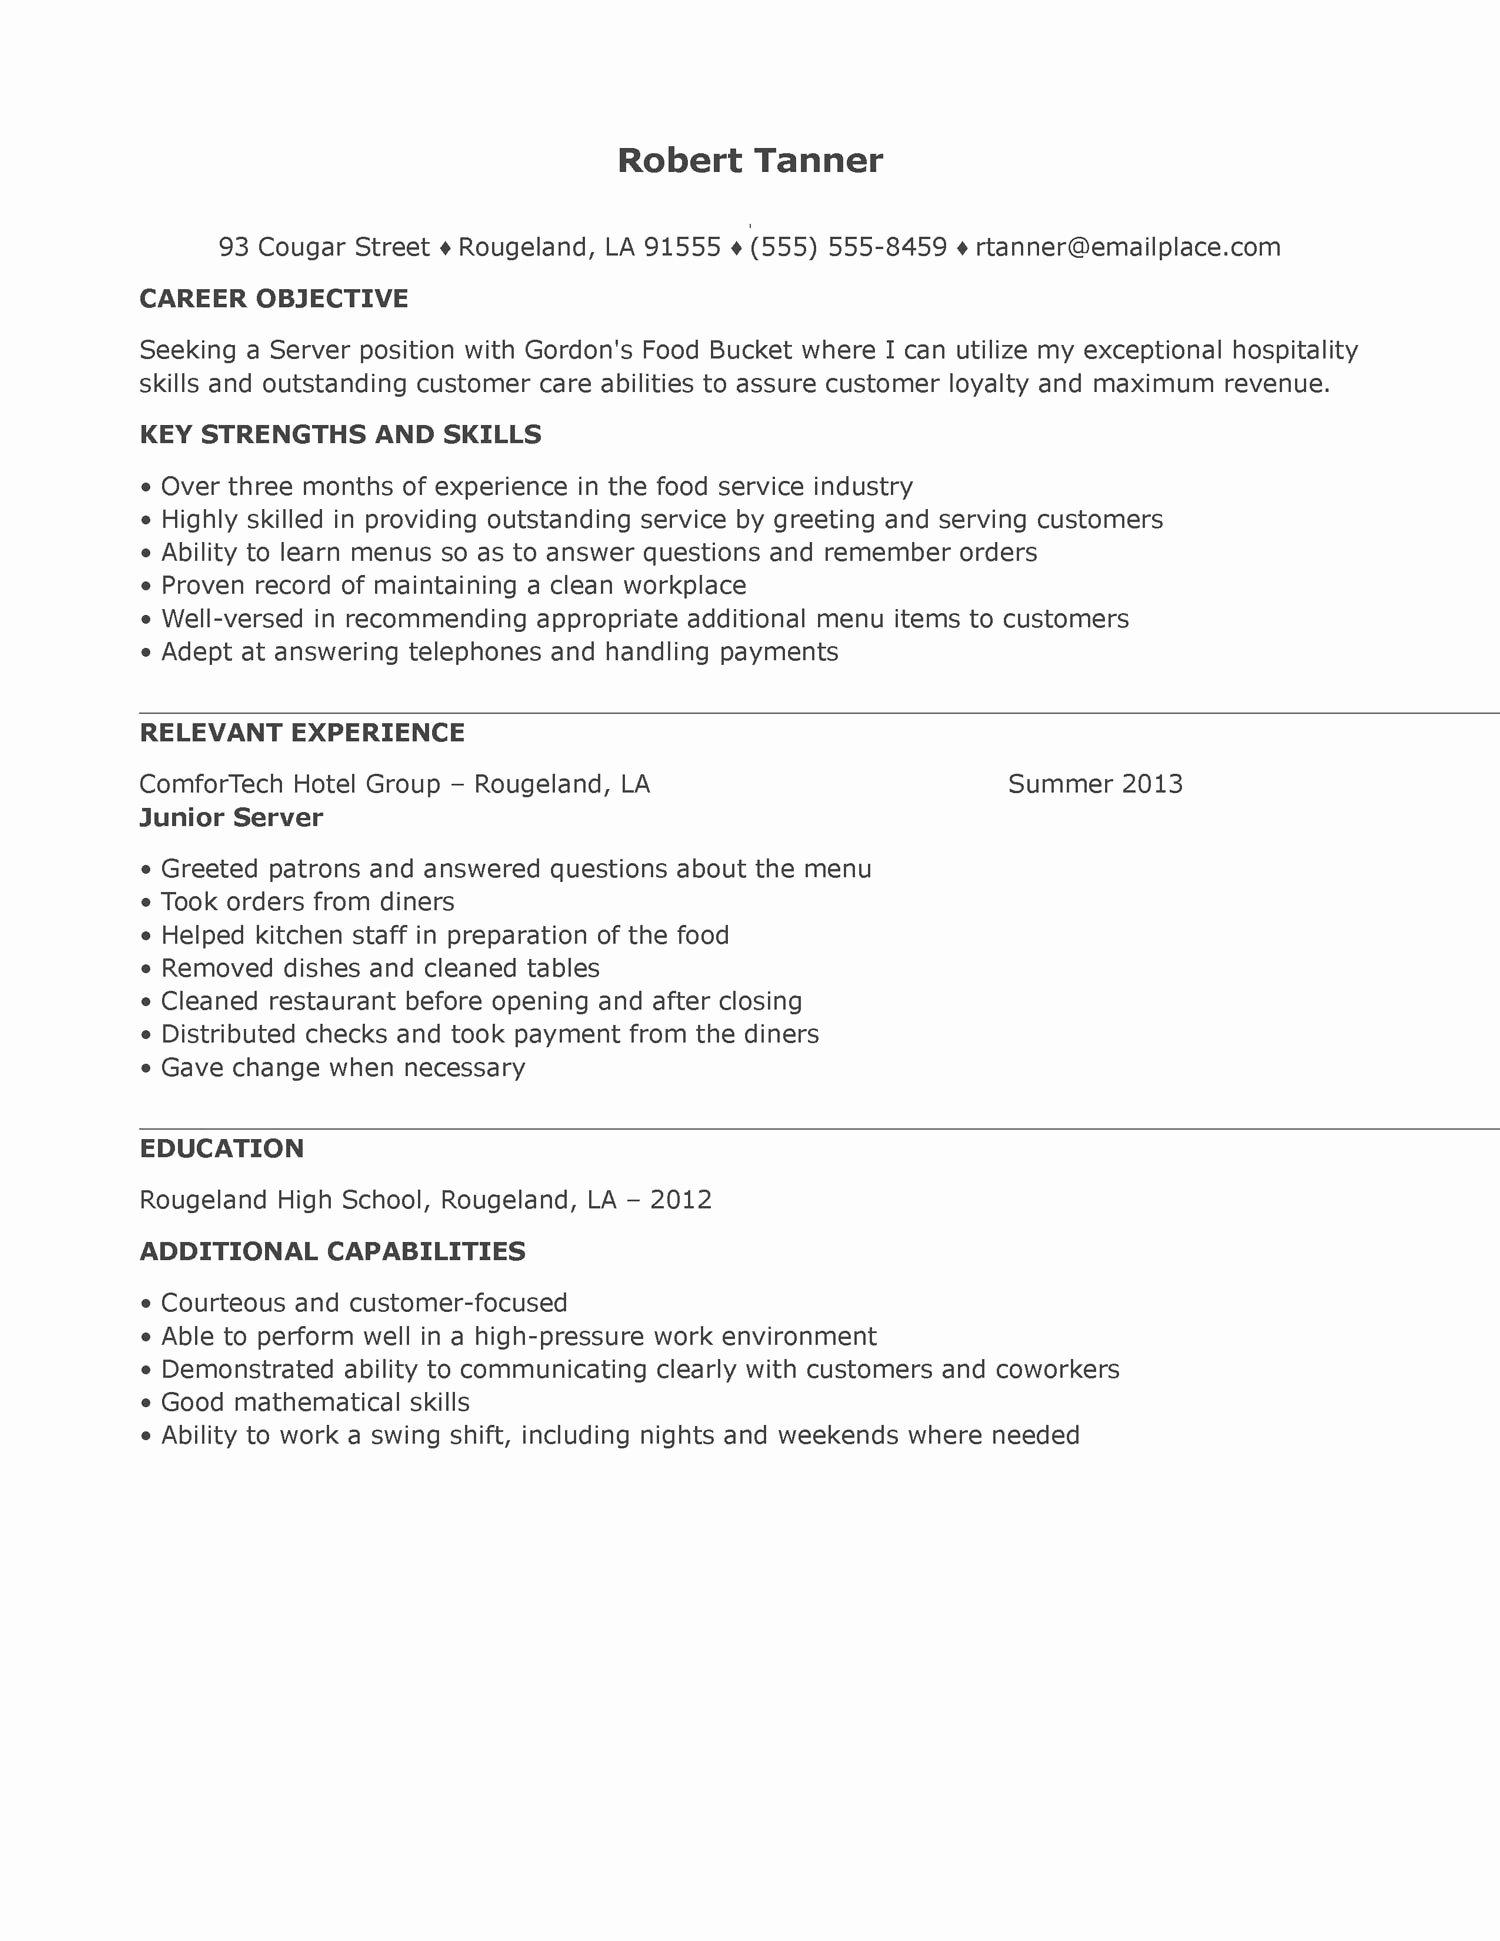 Resume format Restaurant Server